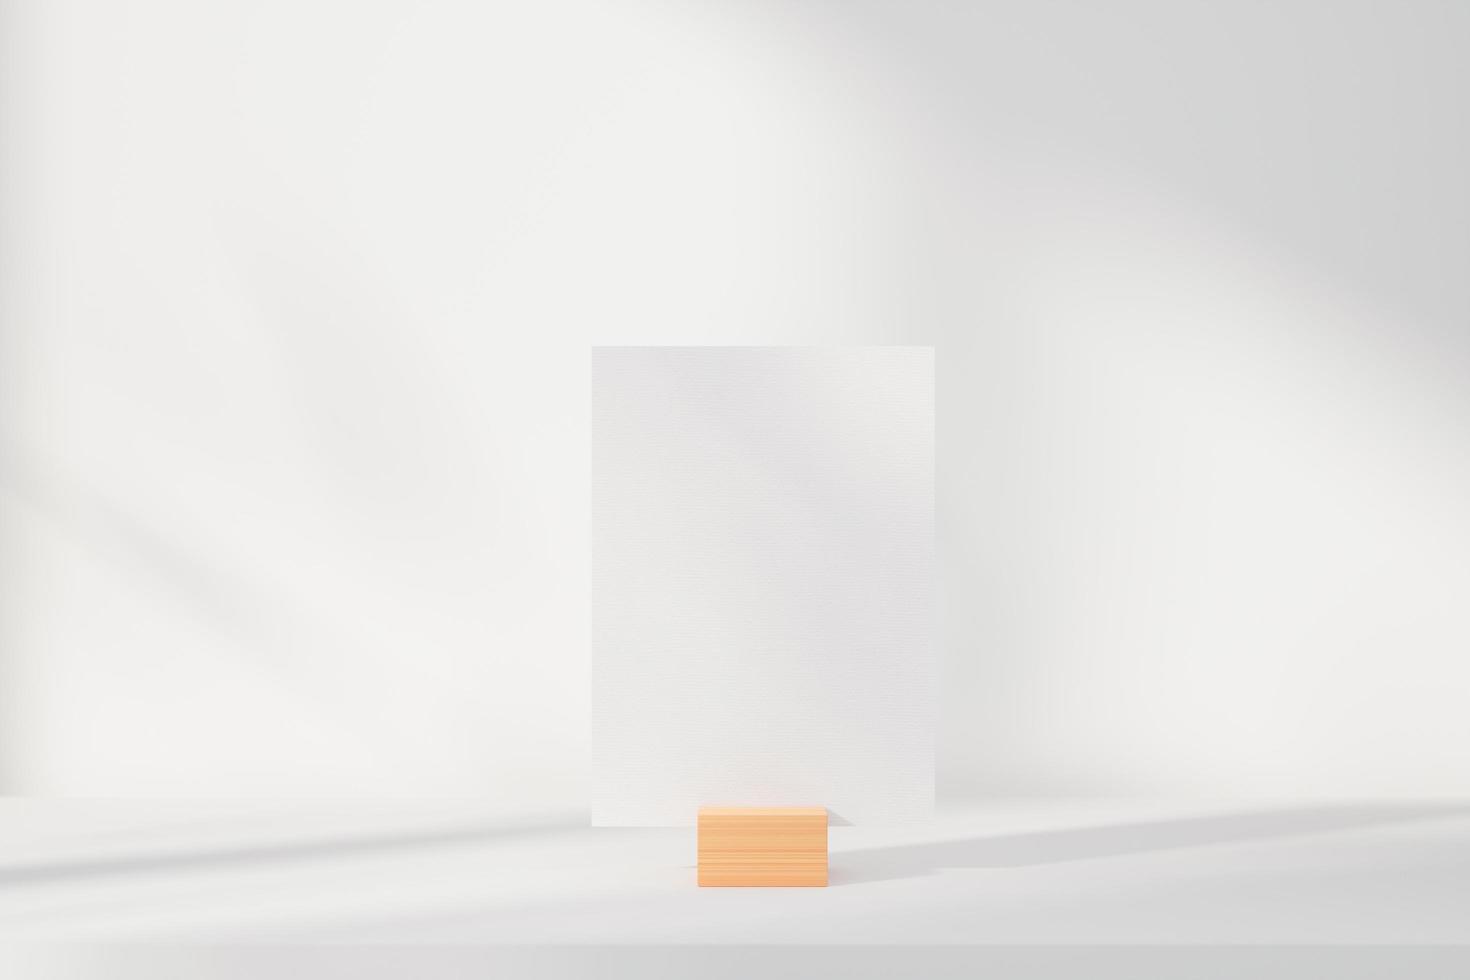 maquette de carte de voeux sur support photo